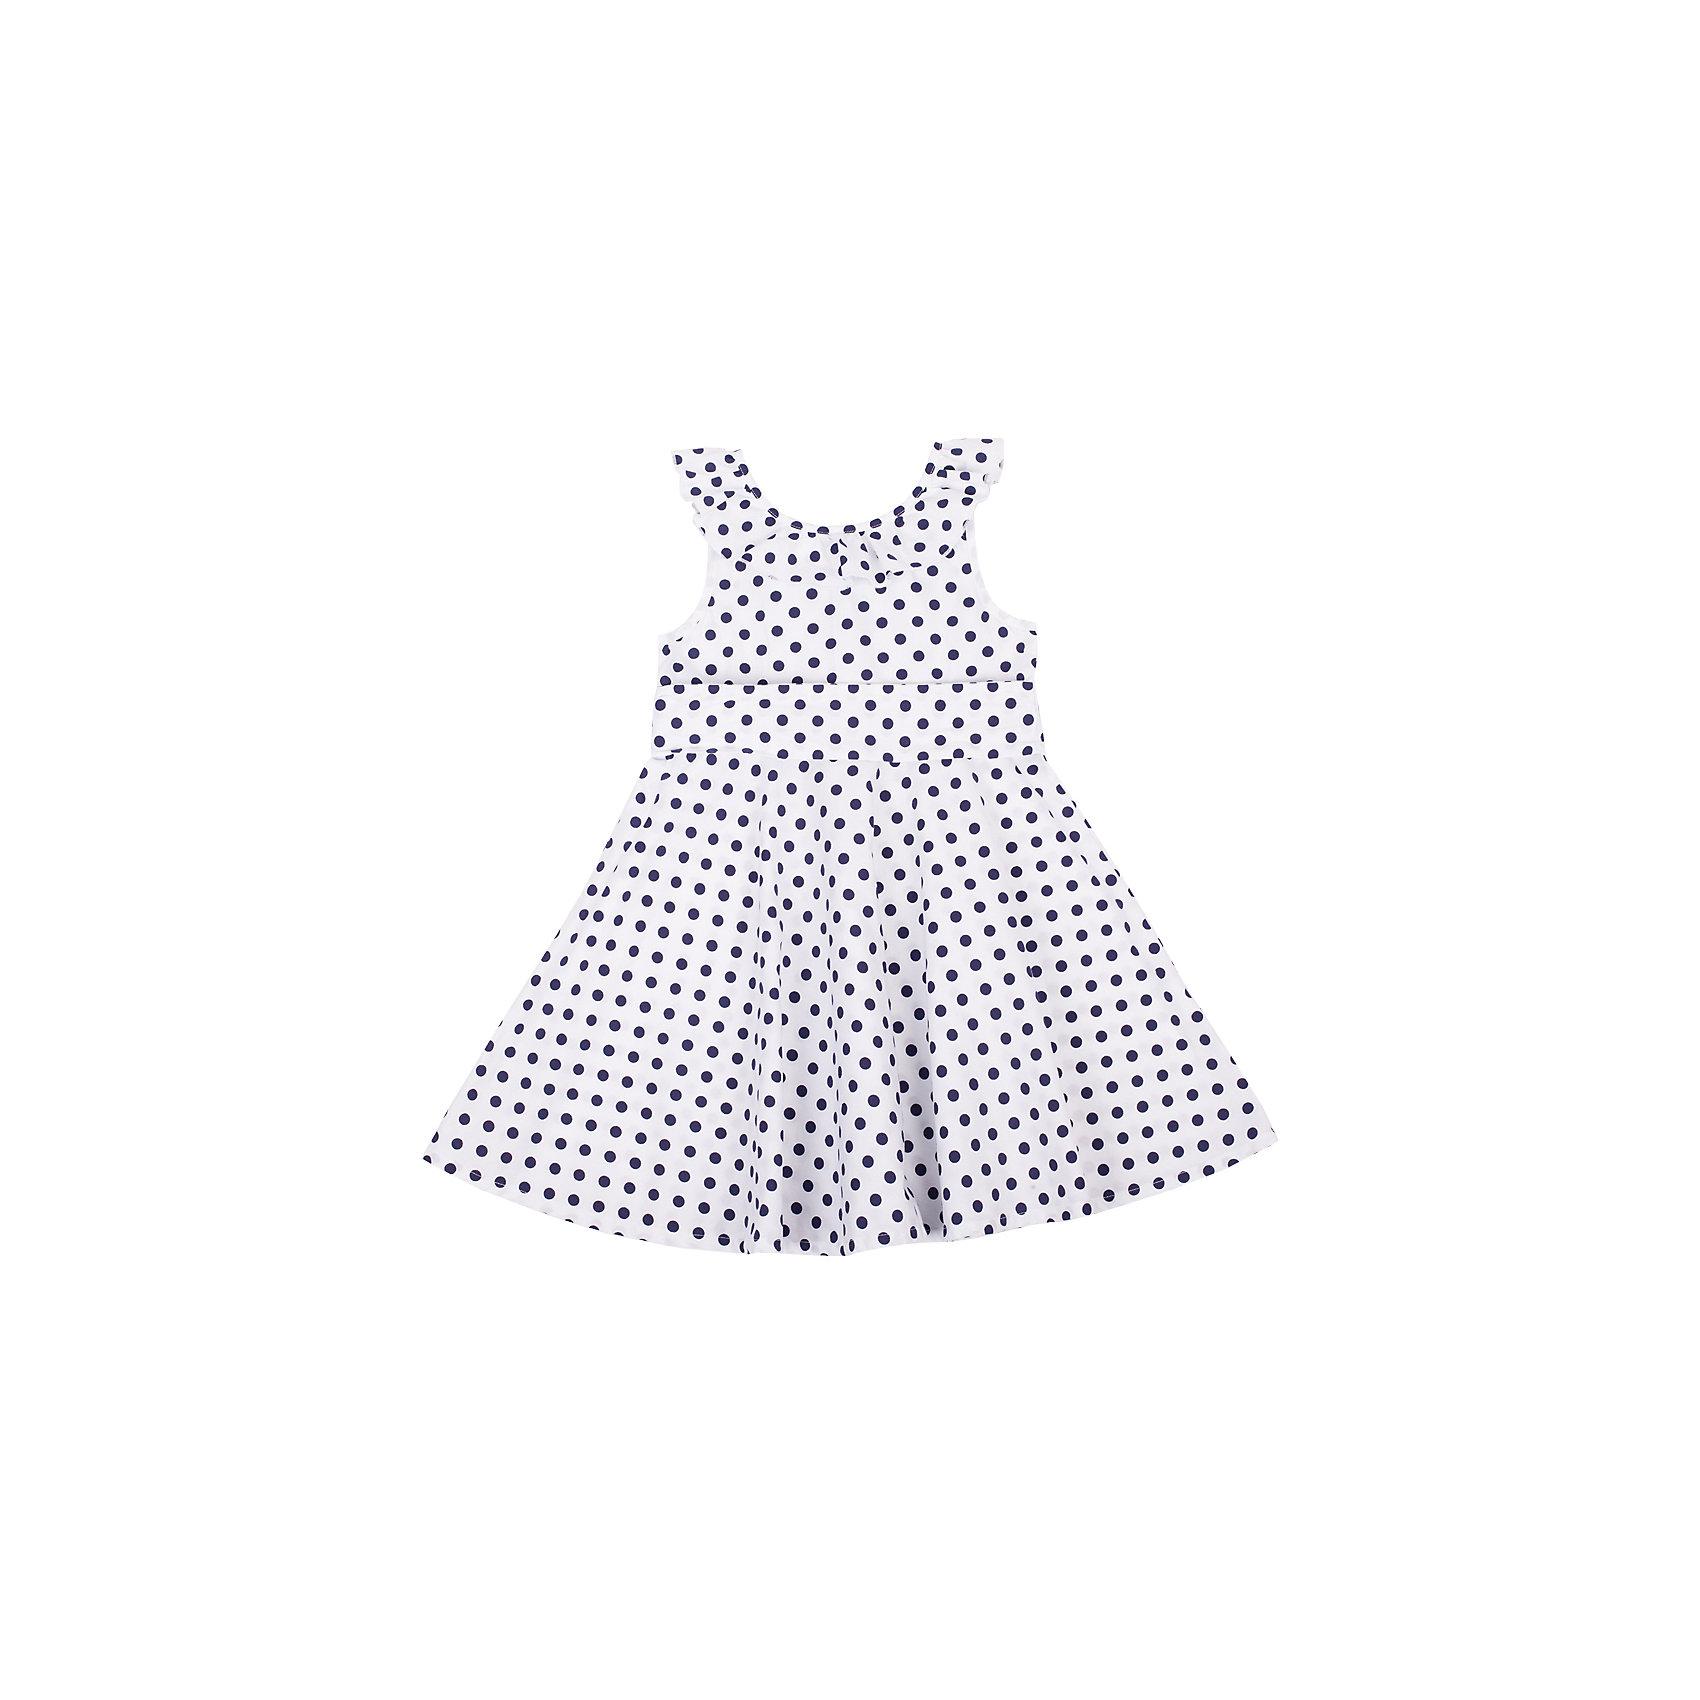 Платье для девочки Button BlueКлассный сарафан в горох с юбкой солнце - отличный вариант и на каждый день, и на выход. Он выглядит ярко, сделан из 100% хлопка, прекрасно сидит и смотрится на фигуре. Отличное качество и доступная цена прилагаются. Если Вы хотите купить красивый сарафан для девочки недорого и быстро, сарафан Button Blue - то, что нужно!<br>Состав:<br>100% хлопок<br><br>Ширина мм: 236<br>Глубина мм: 16<br>Высота мм: 184<br>Вес г: 177<br>Цвет: белый<br>Возраст от месяцев: 36<br>Возраст до месяцев: 48<br>Пол: Женский<br>Возраст: Детский<br>Размер: 104,122,98,110,116<br>SKU: 4510816